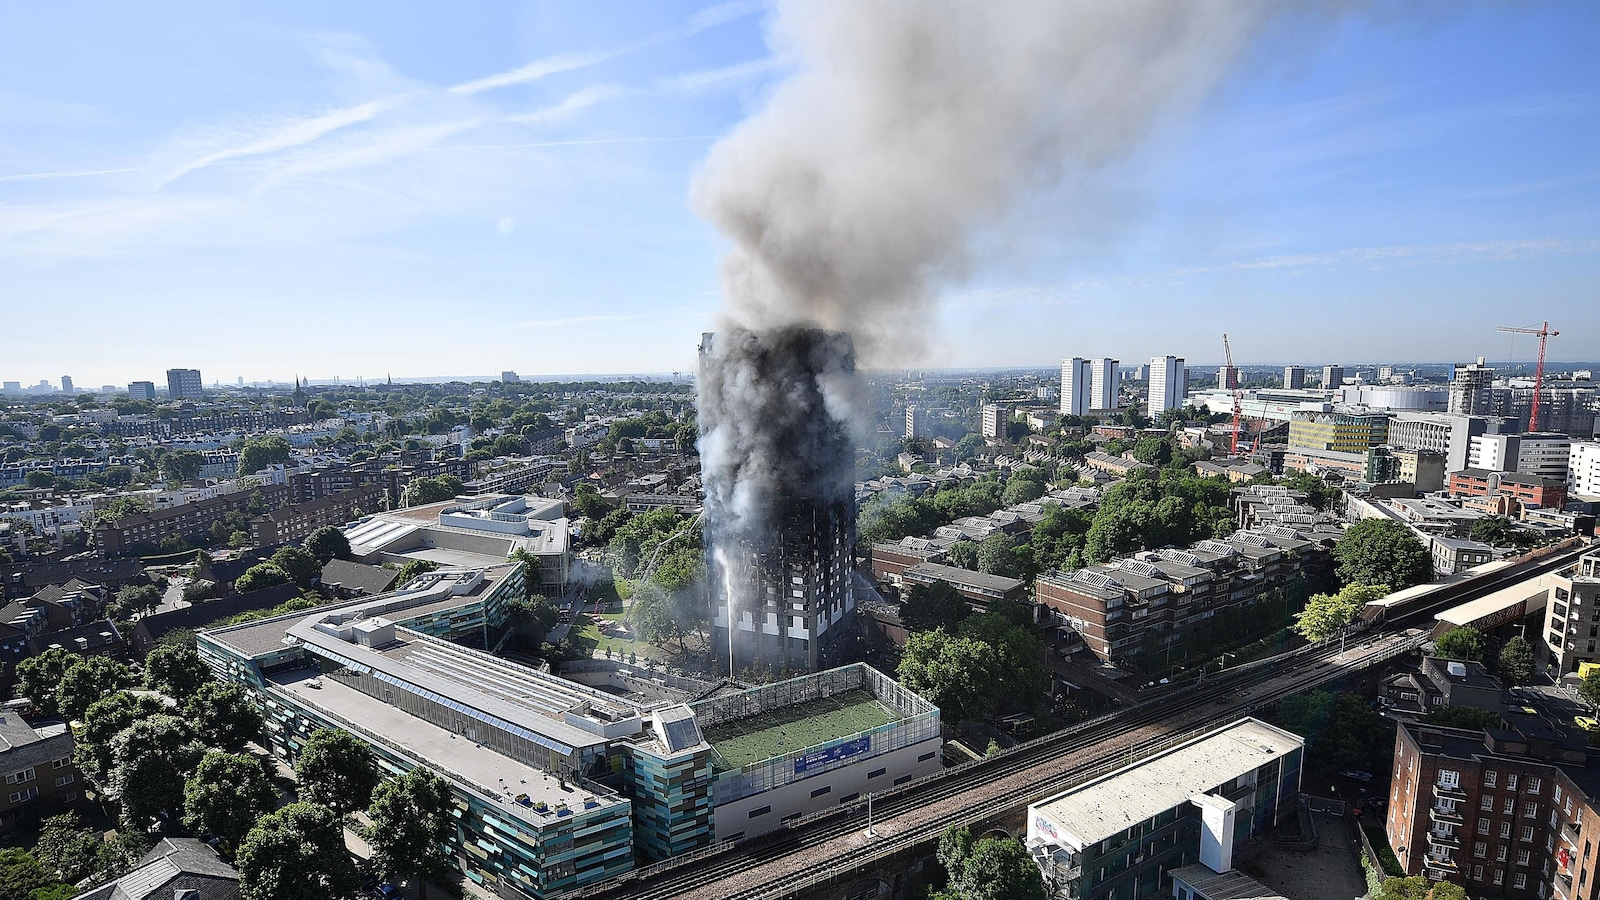 De la fumée s'échappe de cet immeuble résidentiel de 24 étages dans un quartier de l'ouest de Londres après que les flammes l'aient complètement ravagé.